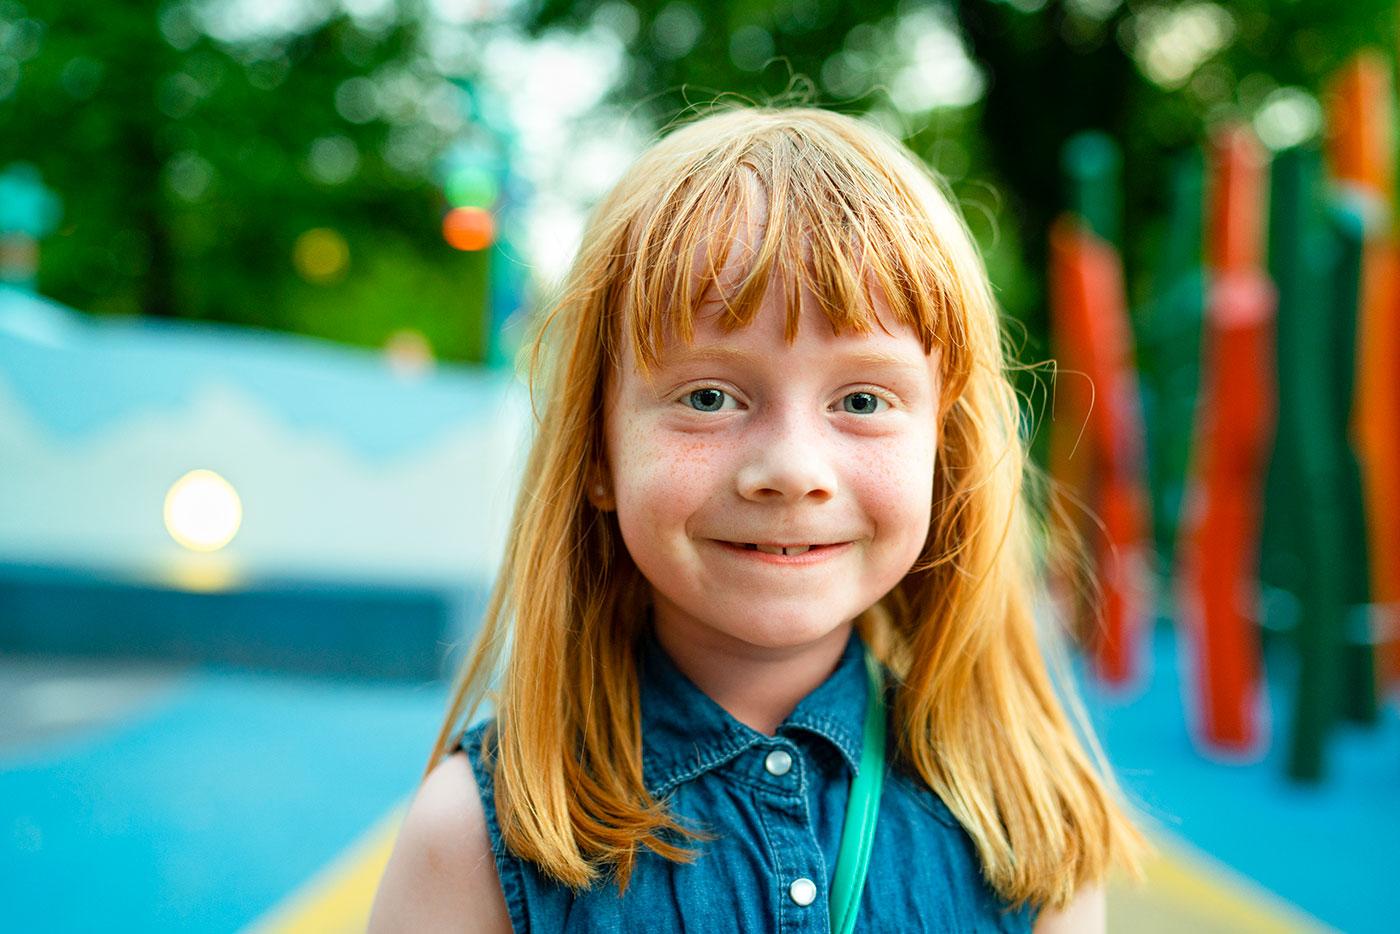 Foto af smilende rødhåret pige med fregner